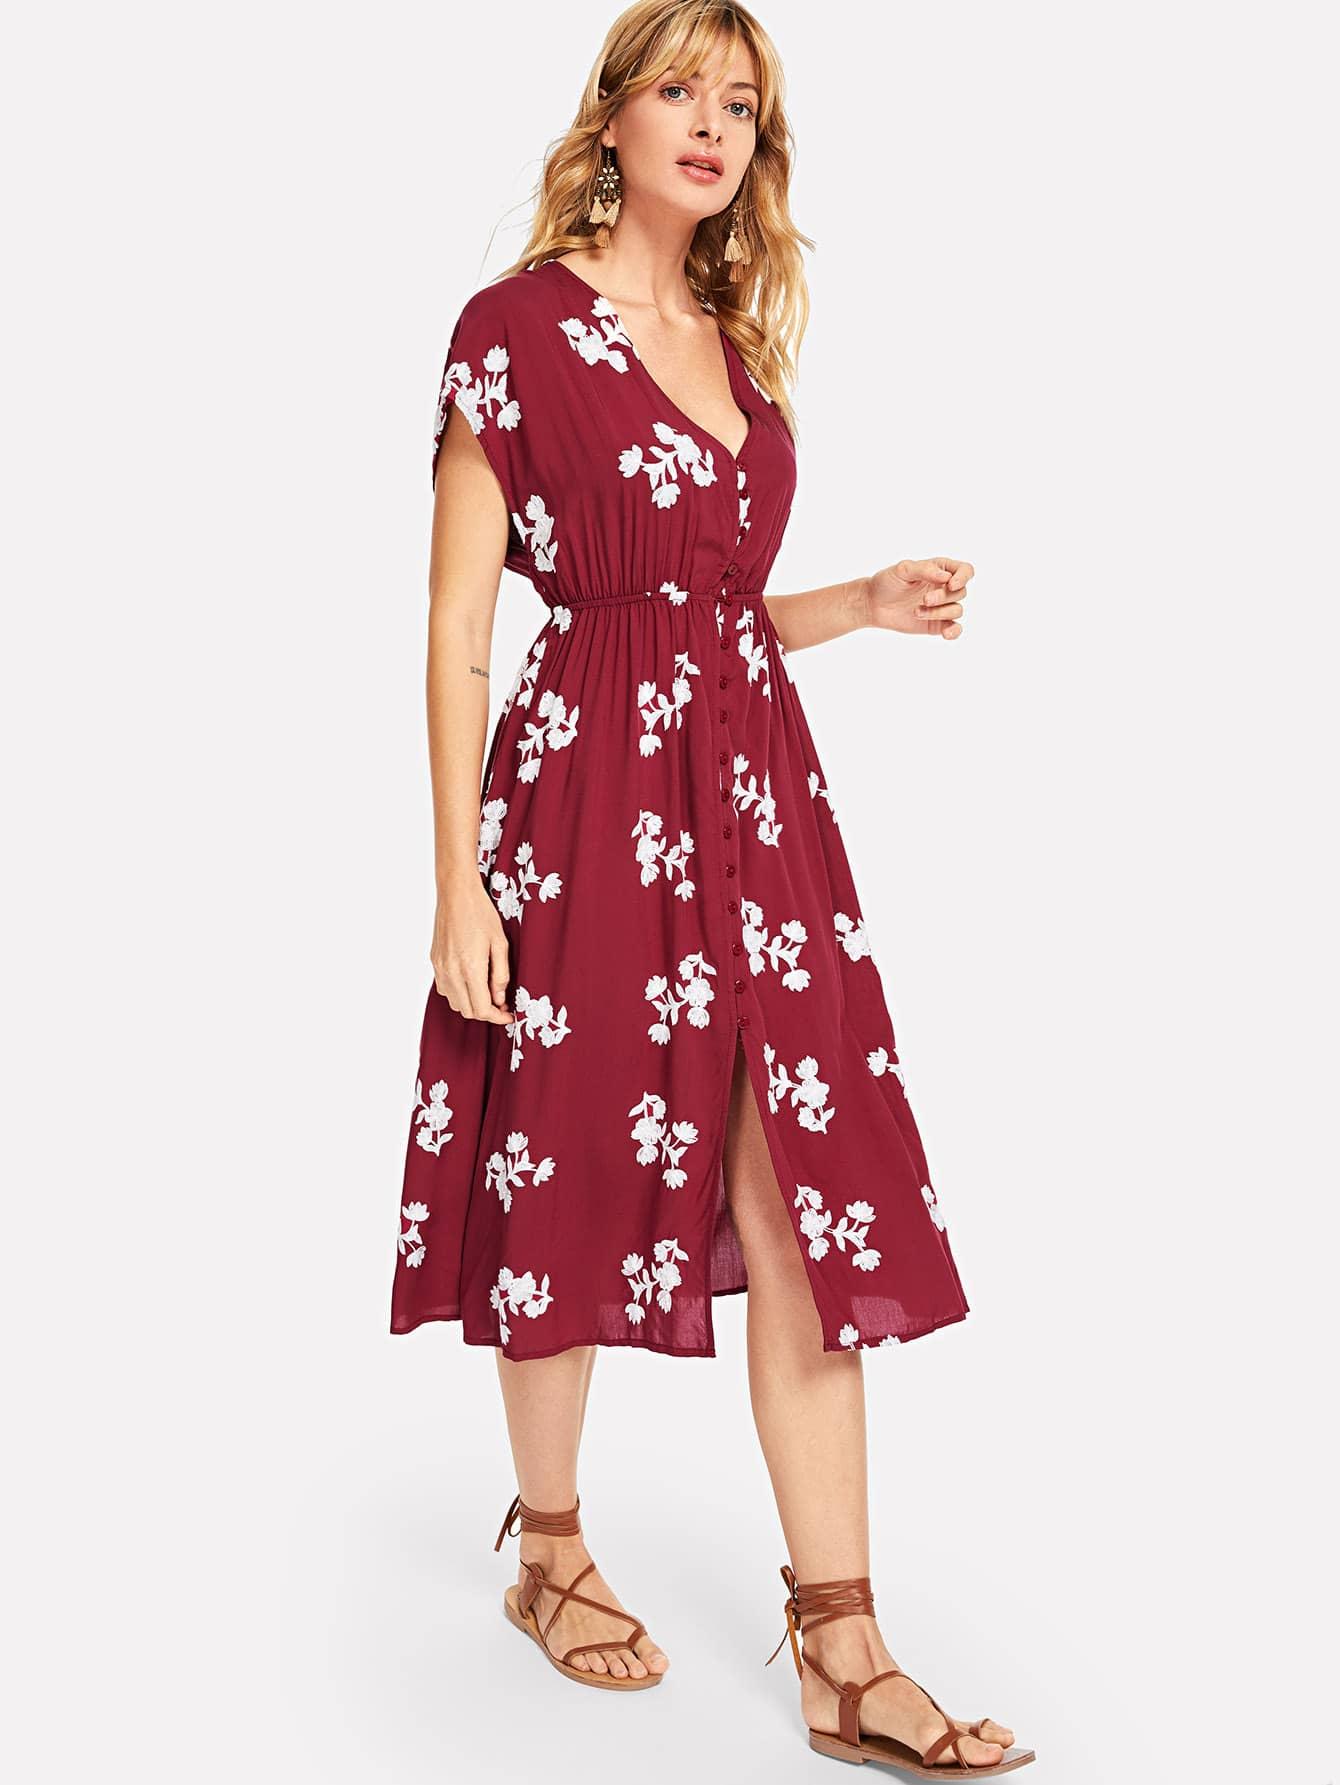 Купить Платье с вышивкой из флакона, Masha, SheIn